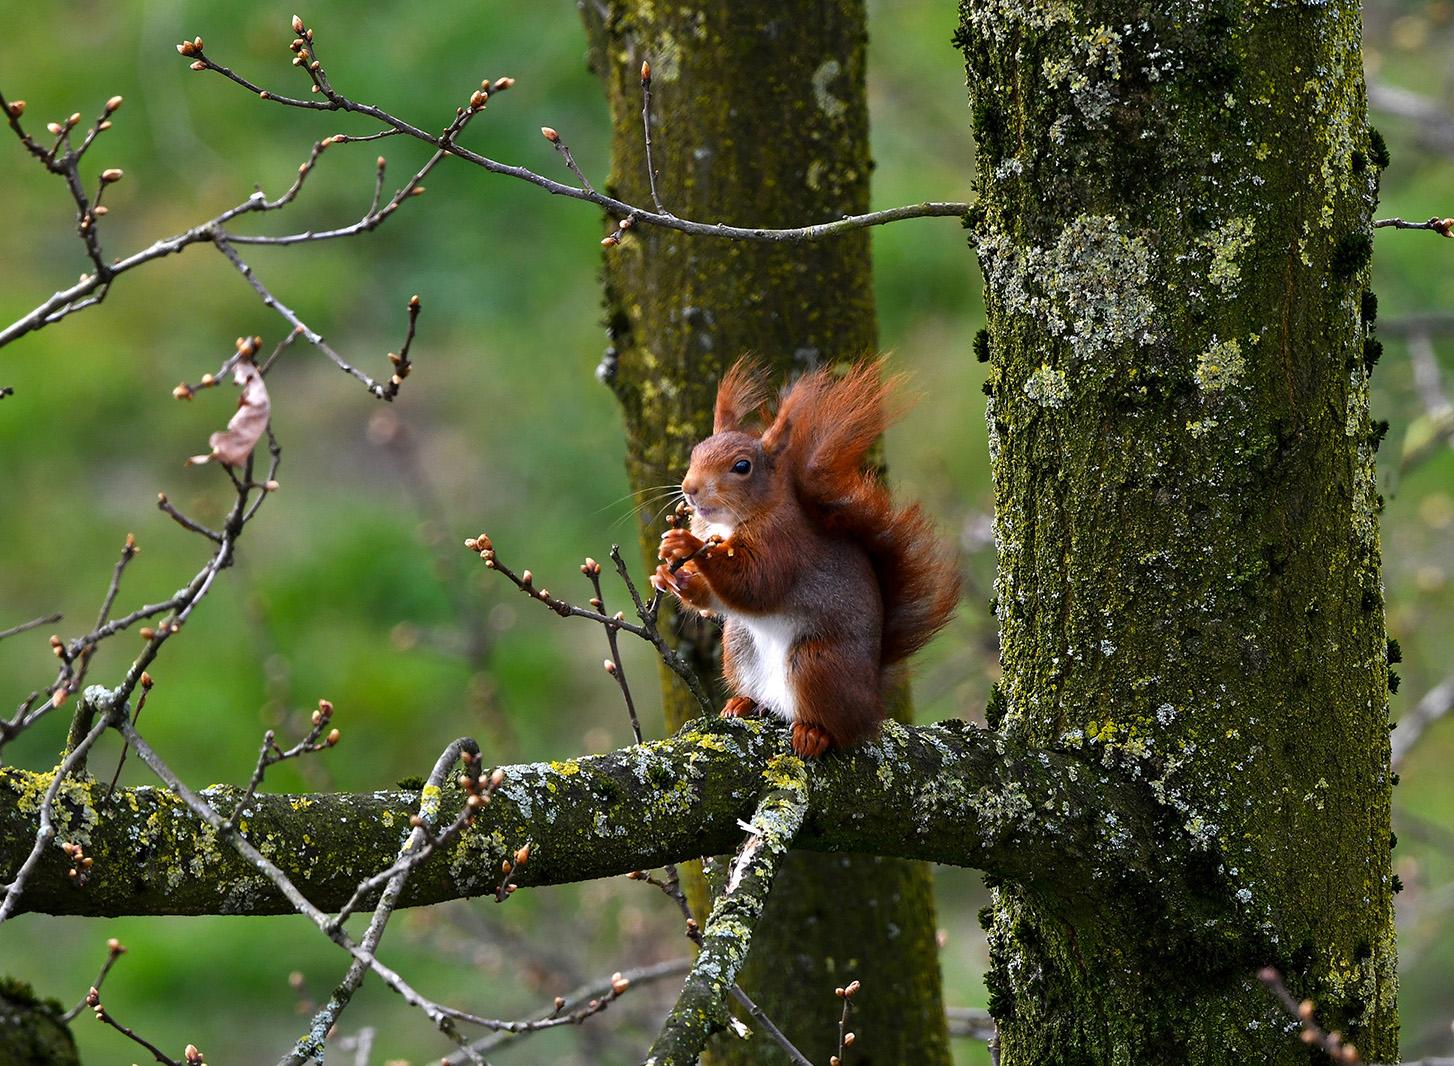 De eekhoorn zit lekker aan de jonge knoppen te kabbelen - Foto: ©Louis Fraanje